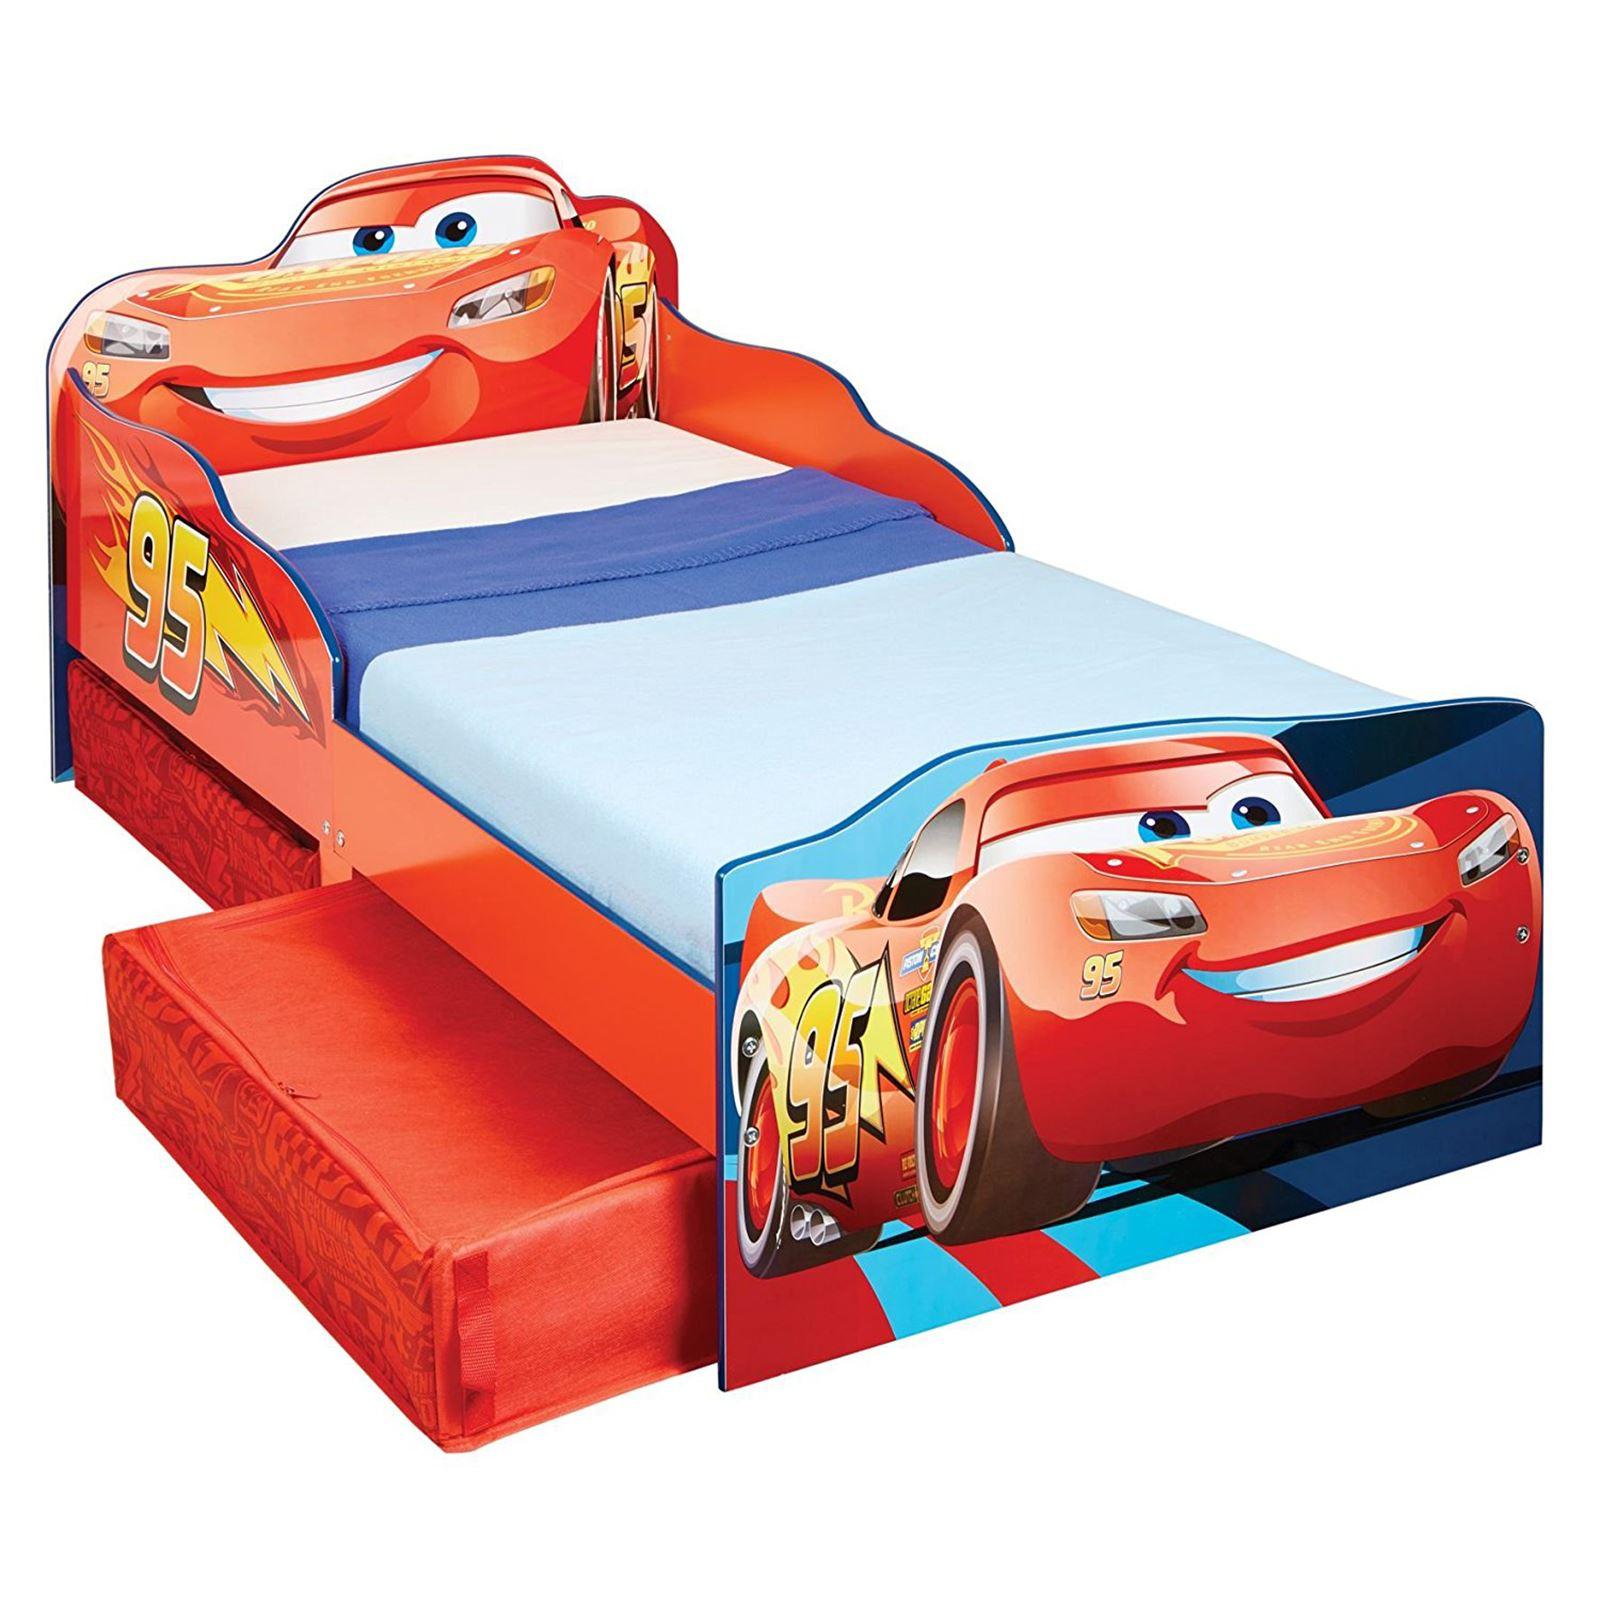 disney kleinkind bett mit lager matratze autos peppa mini eisk nigin mehr ebay. Black Bedroom Furniture Sets. Home Design Ideas